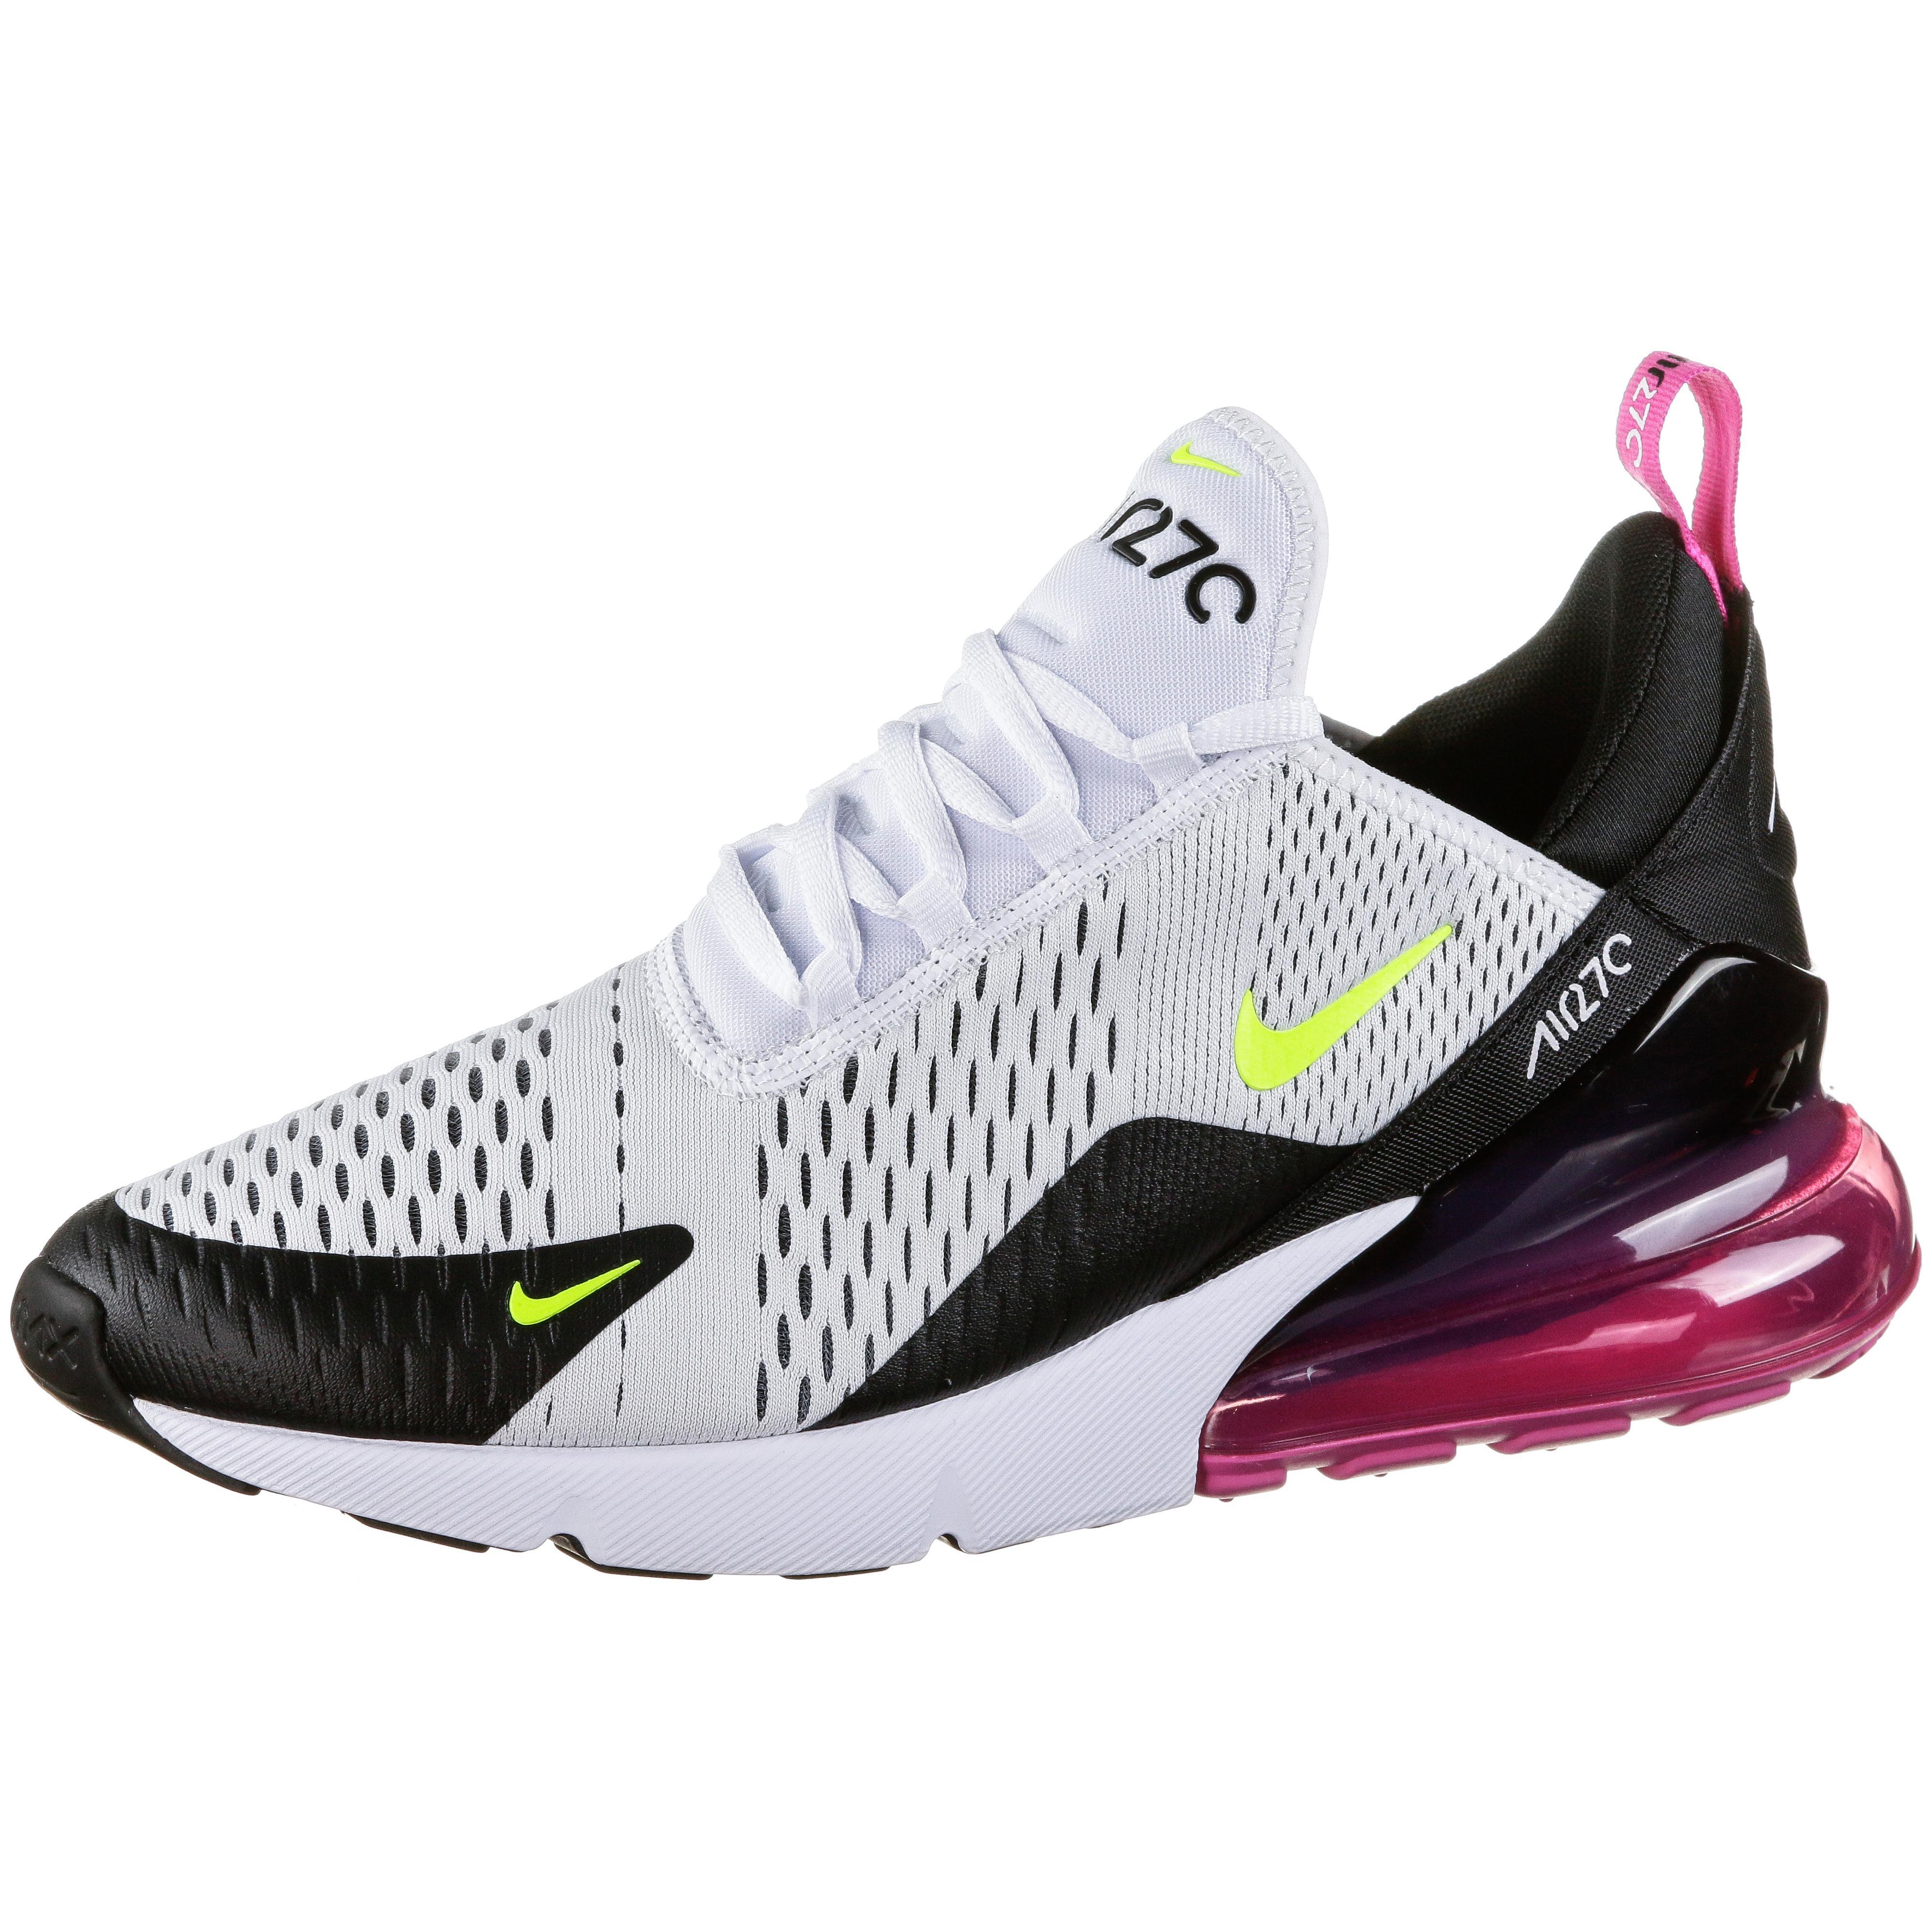 Nike Air Max 270 Sneaker Herren white volt black laser fuchsia im Online Shop von SportScheck kaufen